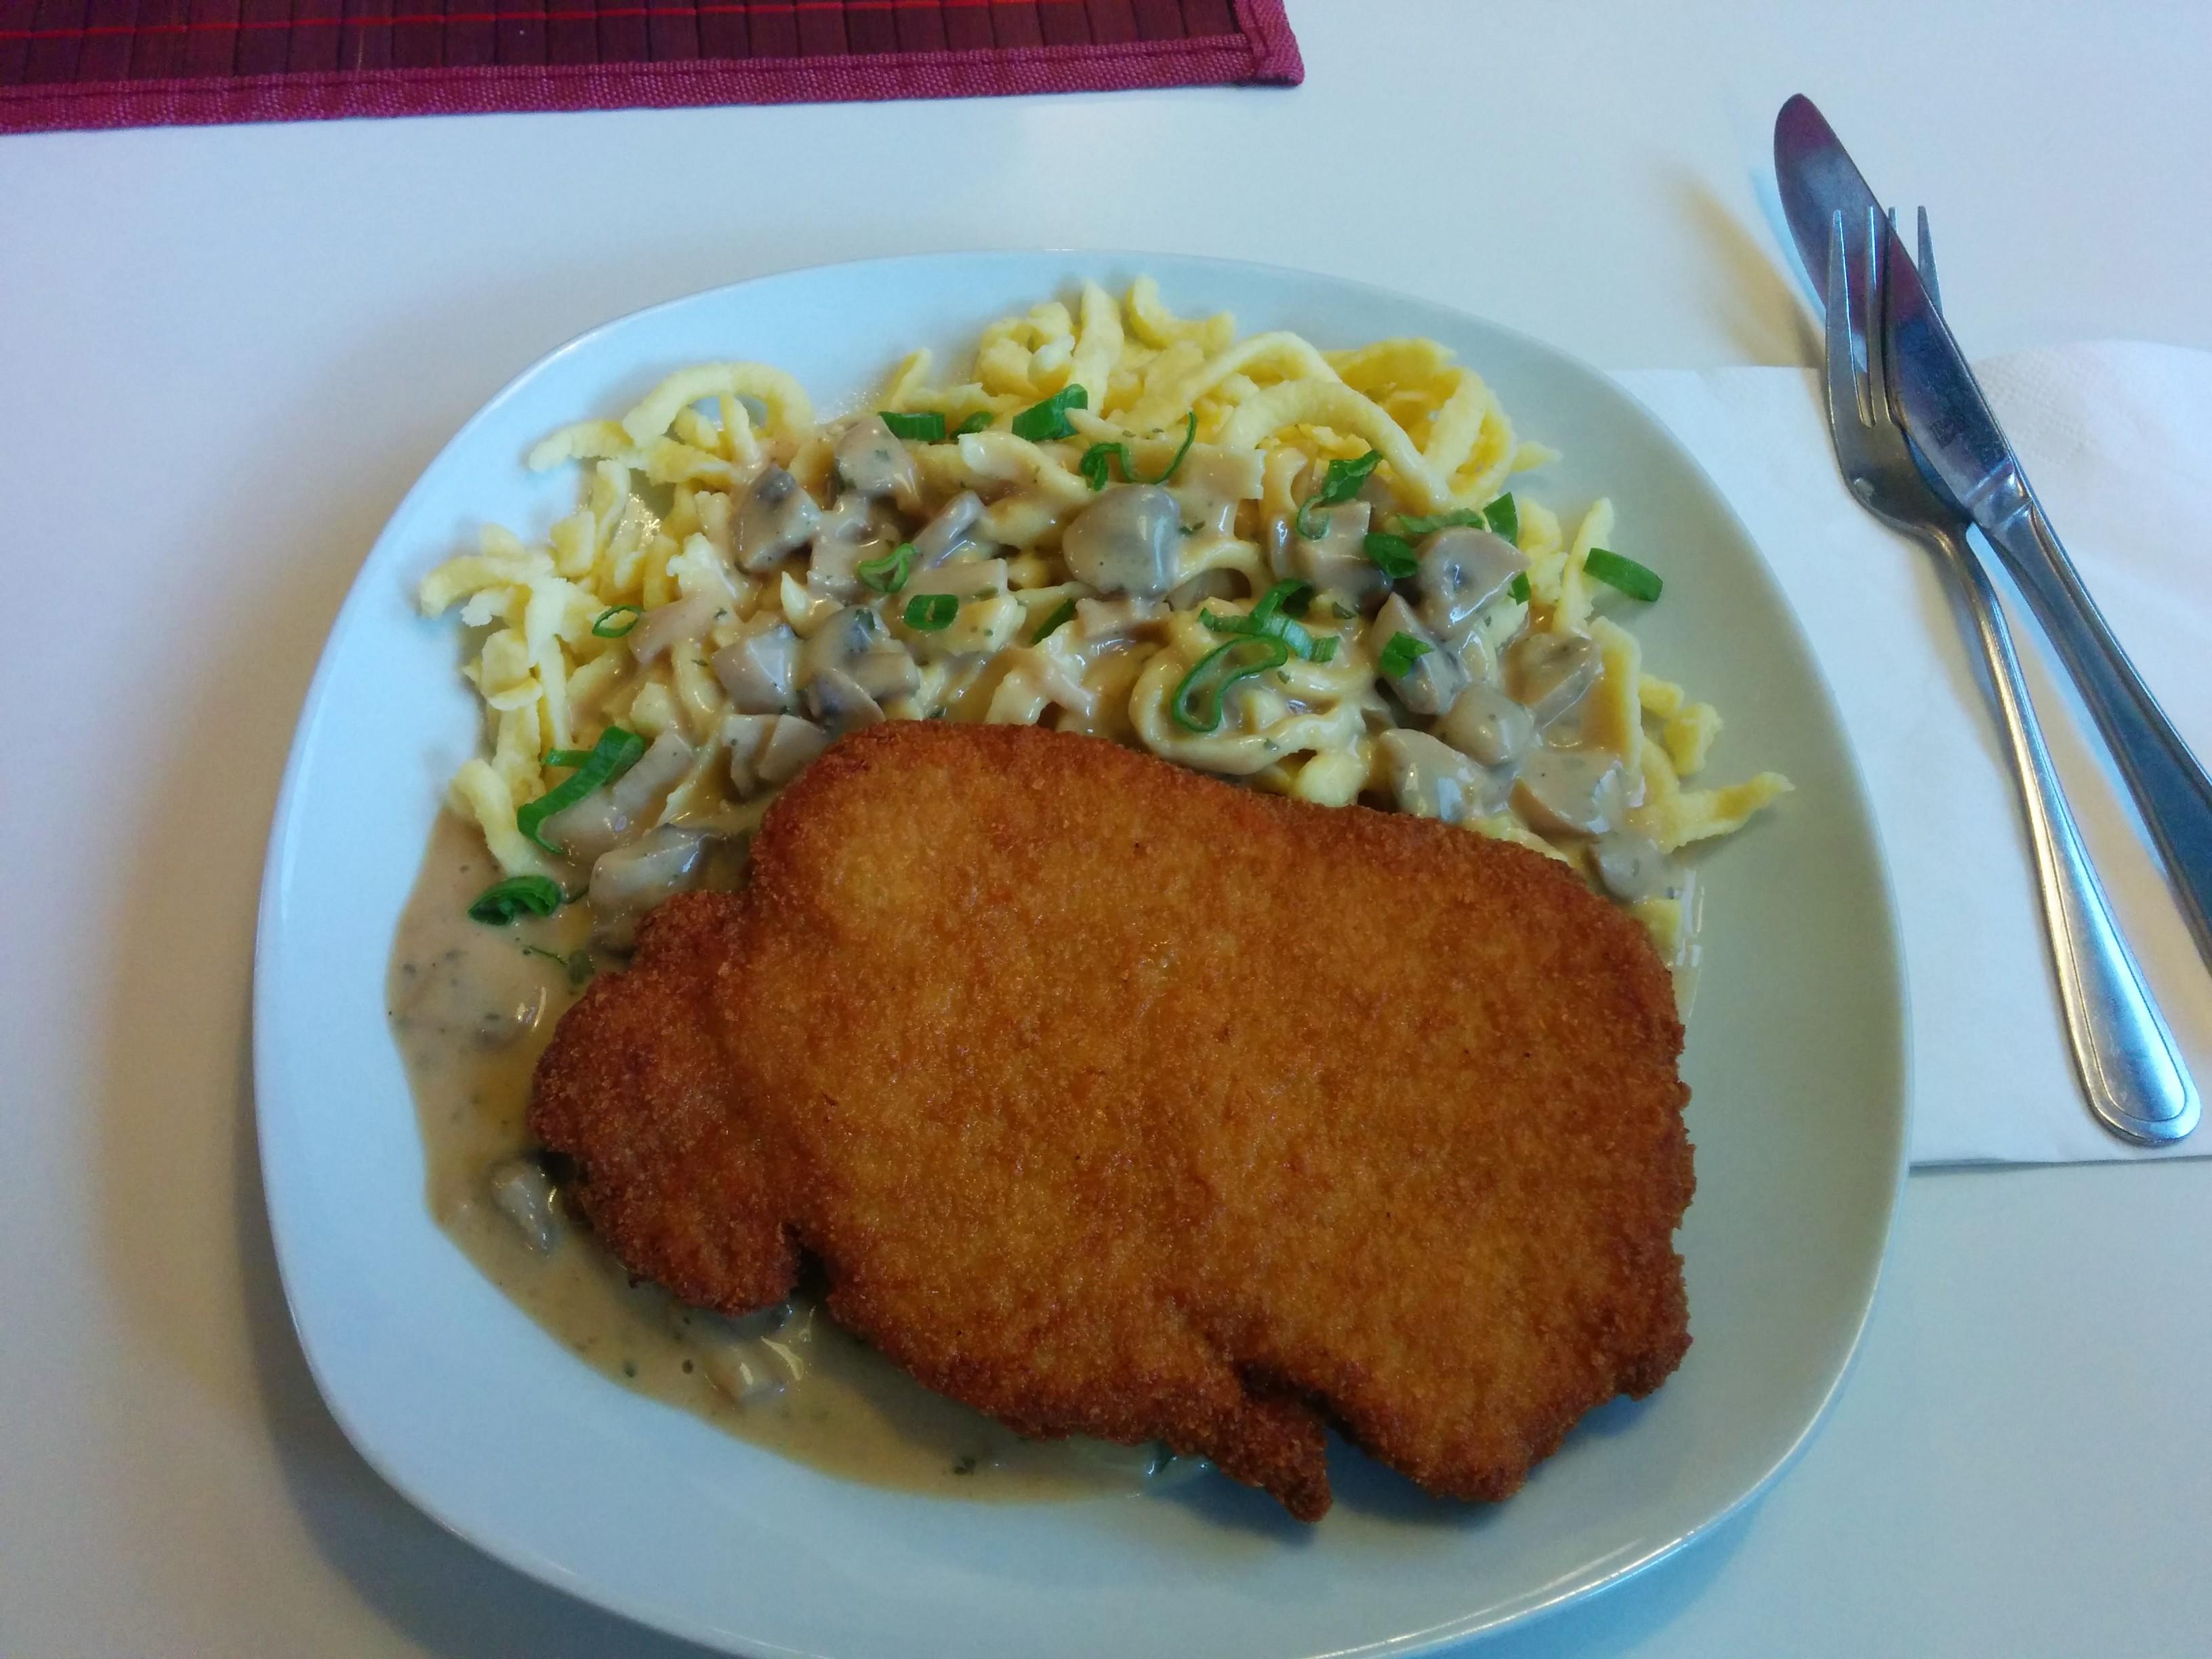 http://foodloader.net/nico_2014-02-21_schnitzel-mit-spaetzle-in-jaegersauce.jpg